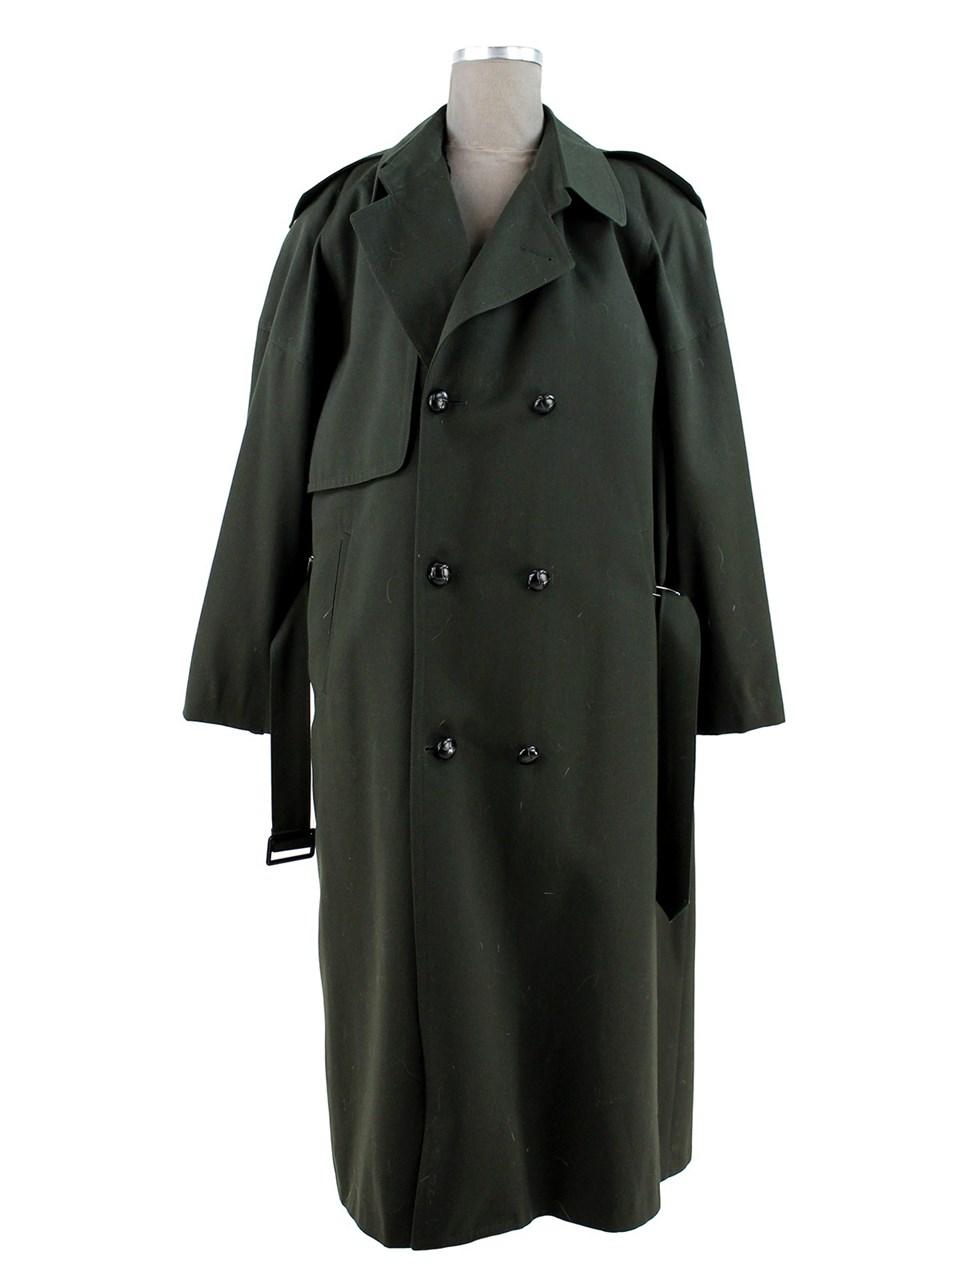 Mans Gabardine Olive Trench coat